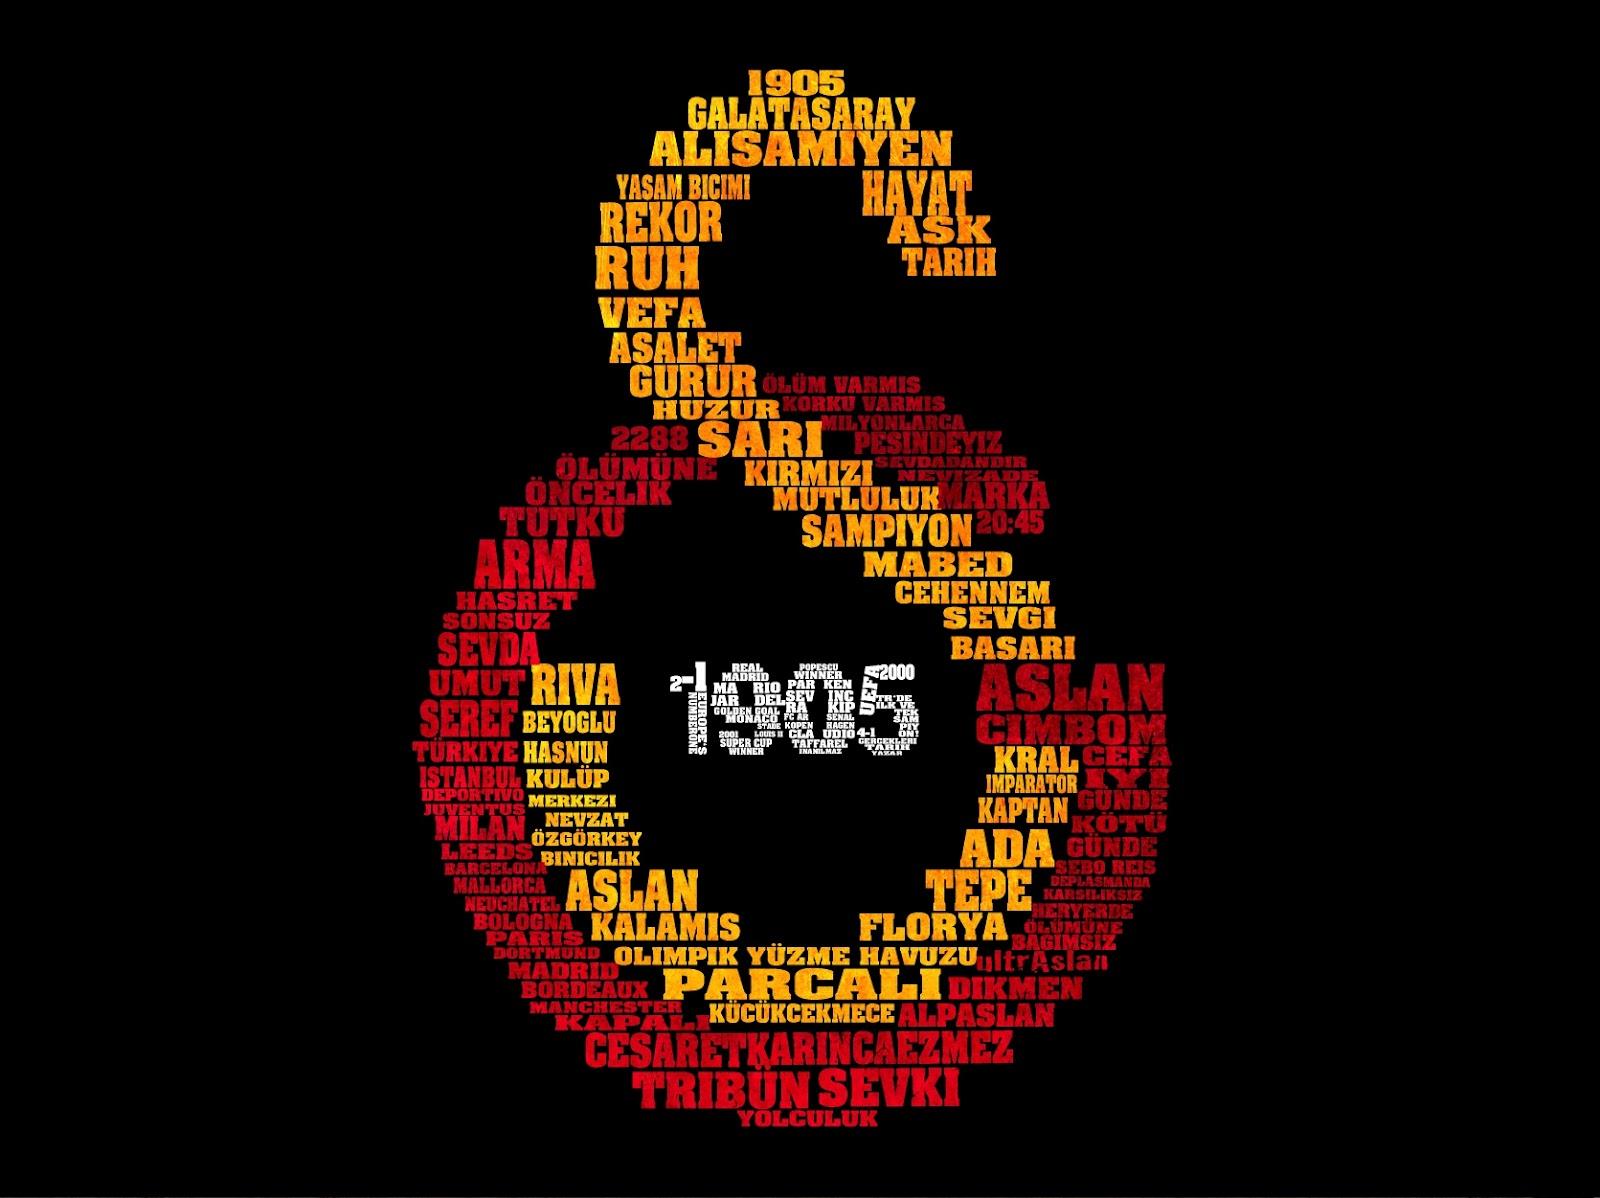 Galatasaray+(59) 2013 En Güzel Galatasaray HD Masaüstü Resimleri